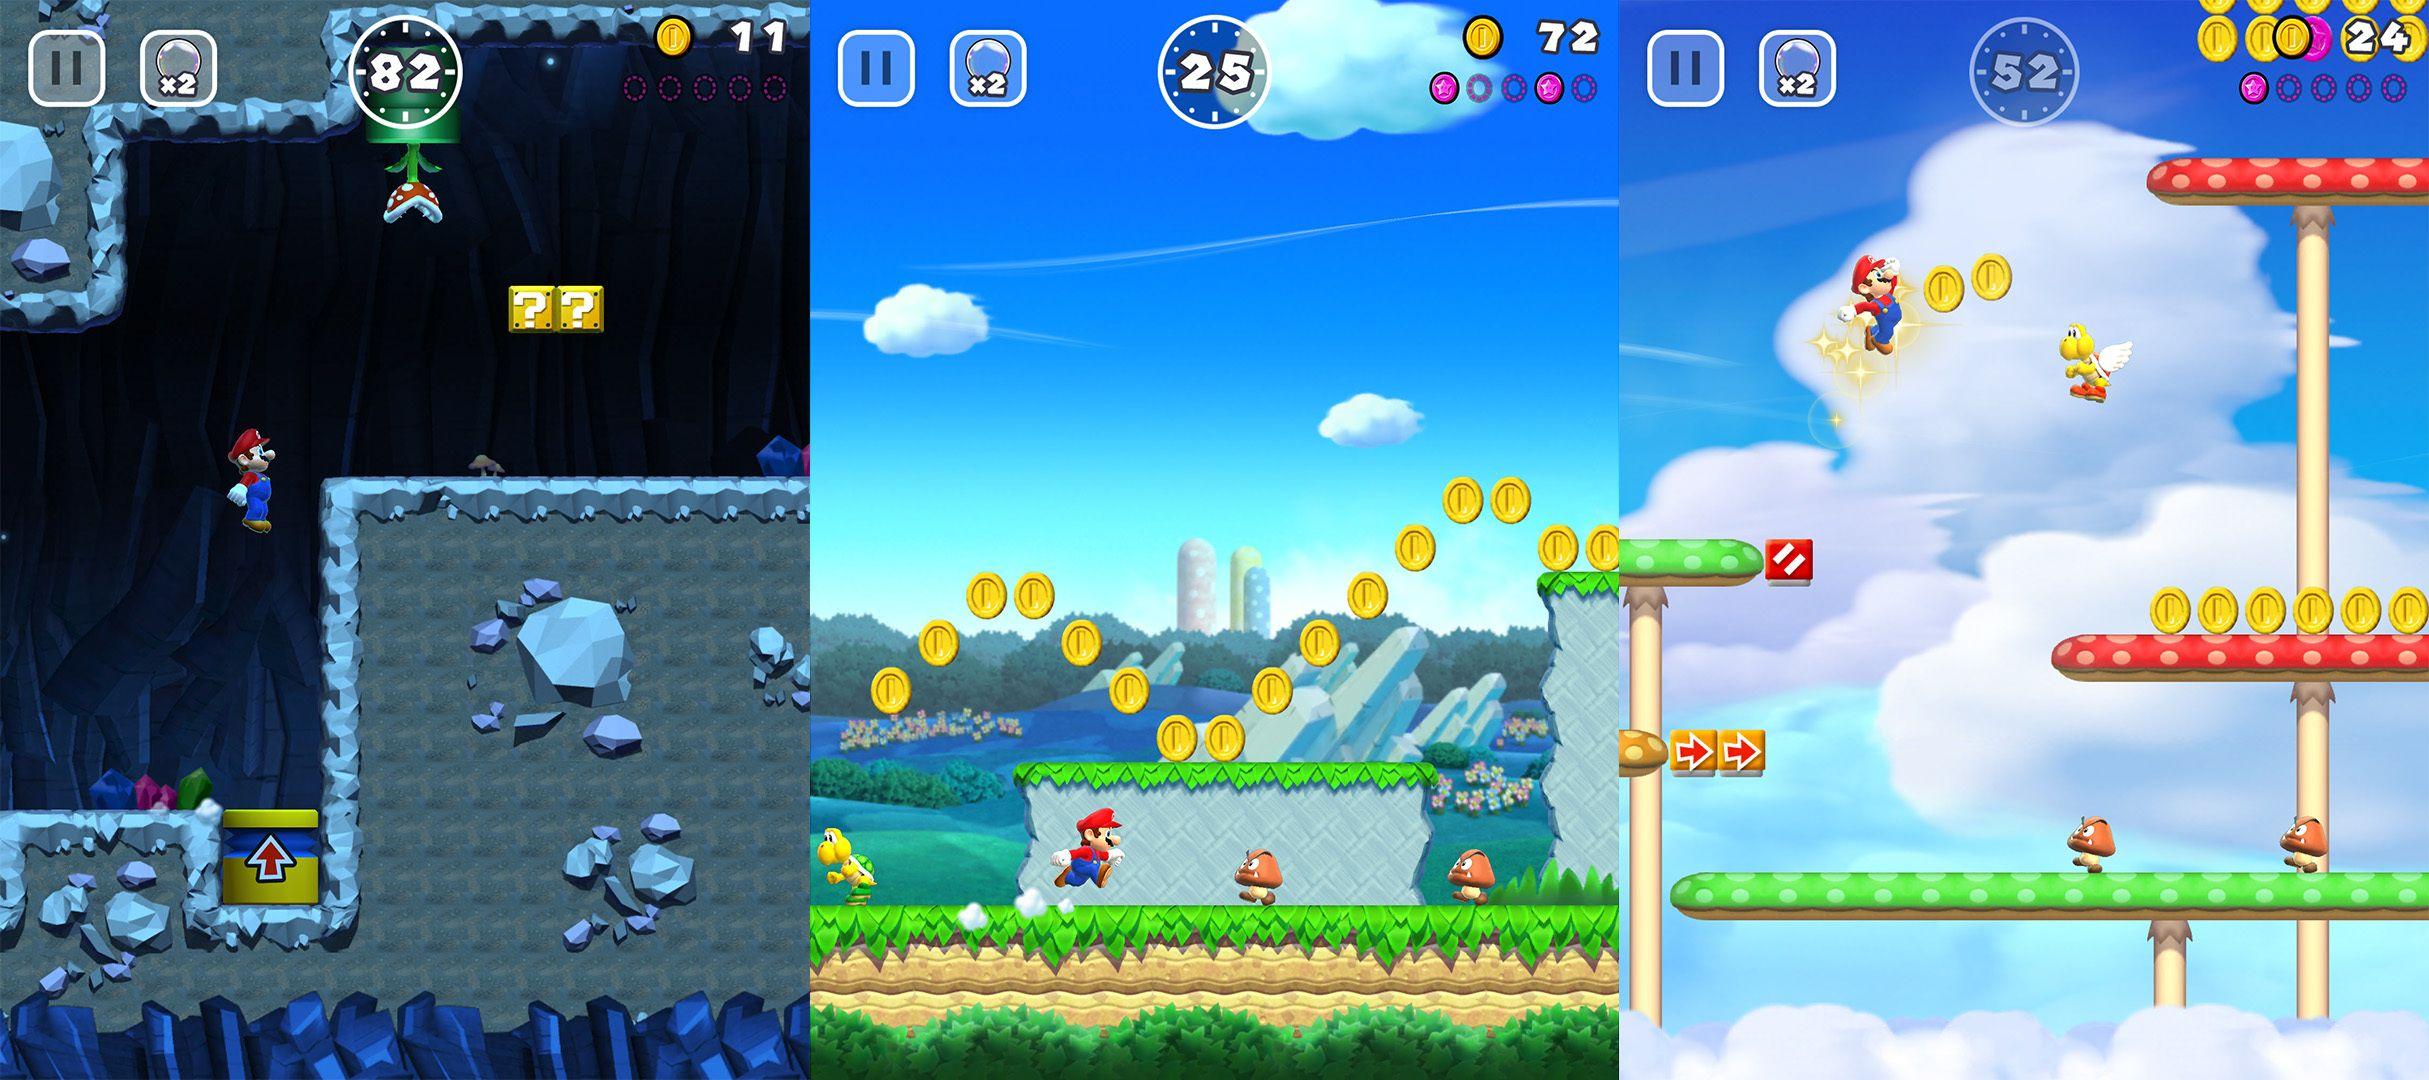 Super Mario Run er allerede på mobilskjermene, og spillet er lastet ned mer enn 100 millioner ganger fra Google Play.